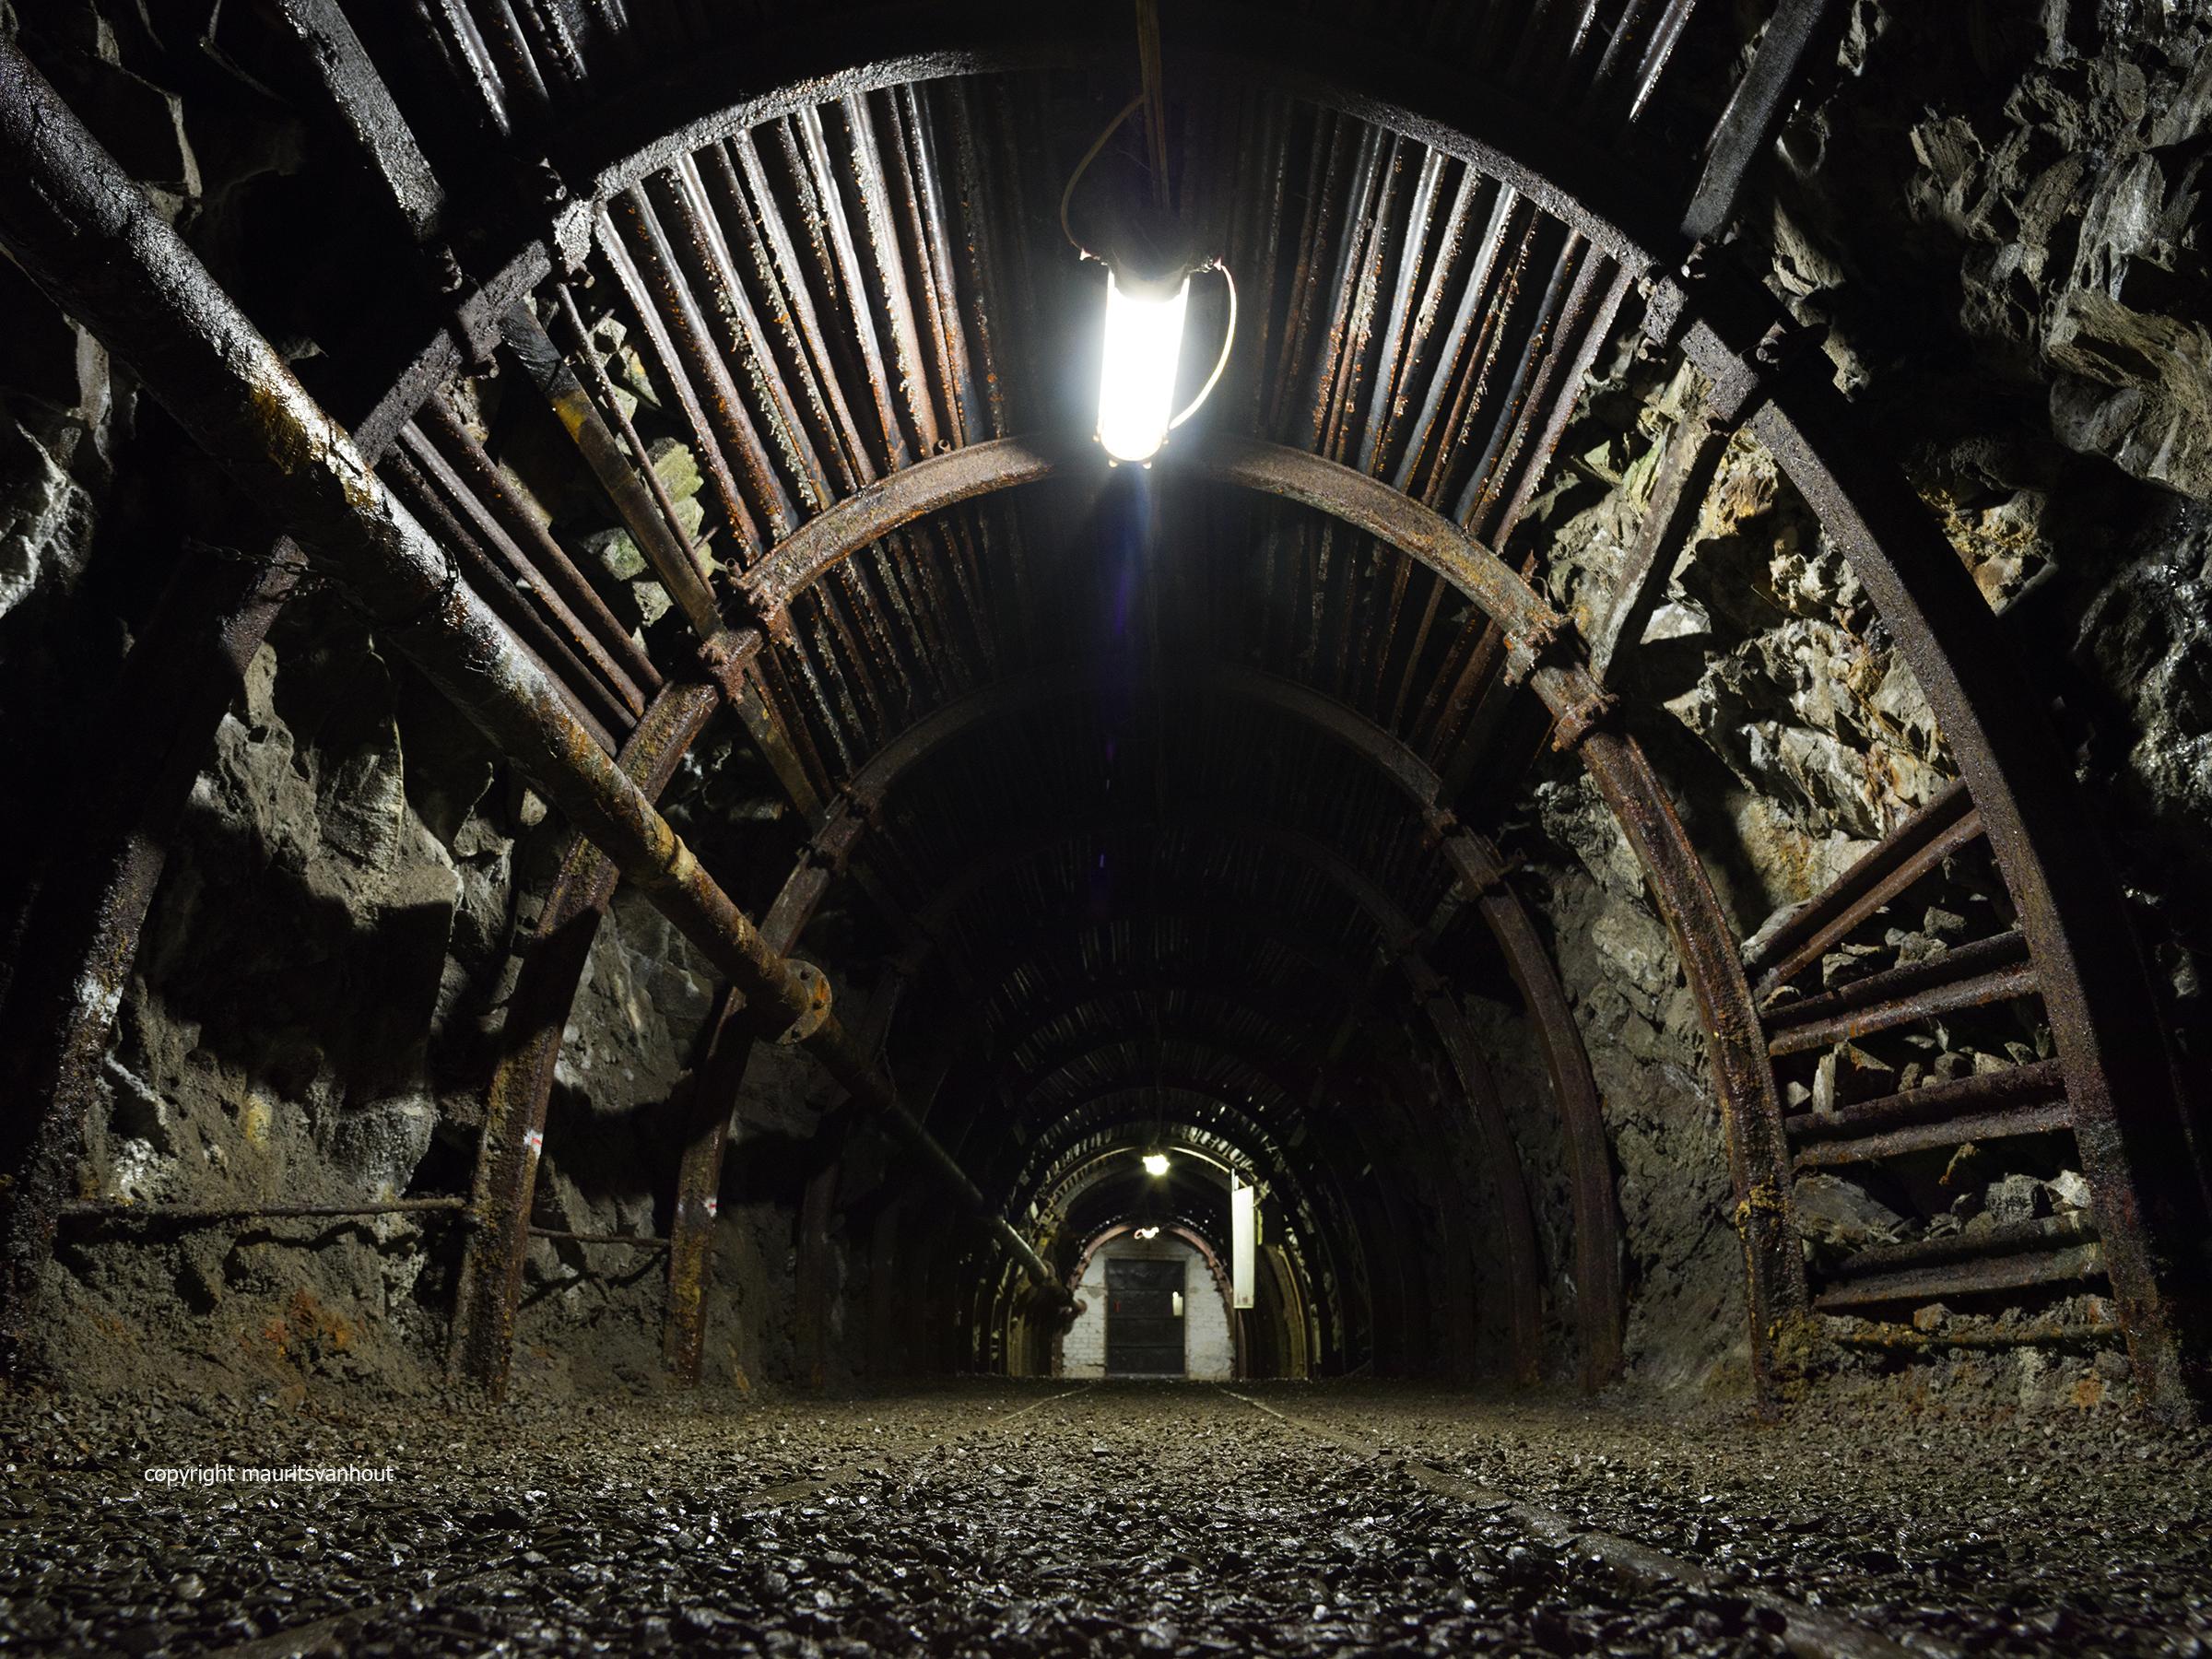 Blegny-Mine, Unesco erfgoed. Bijzondere kijk in deze mijn vlakbij Luik.